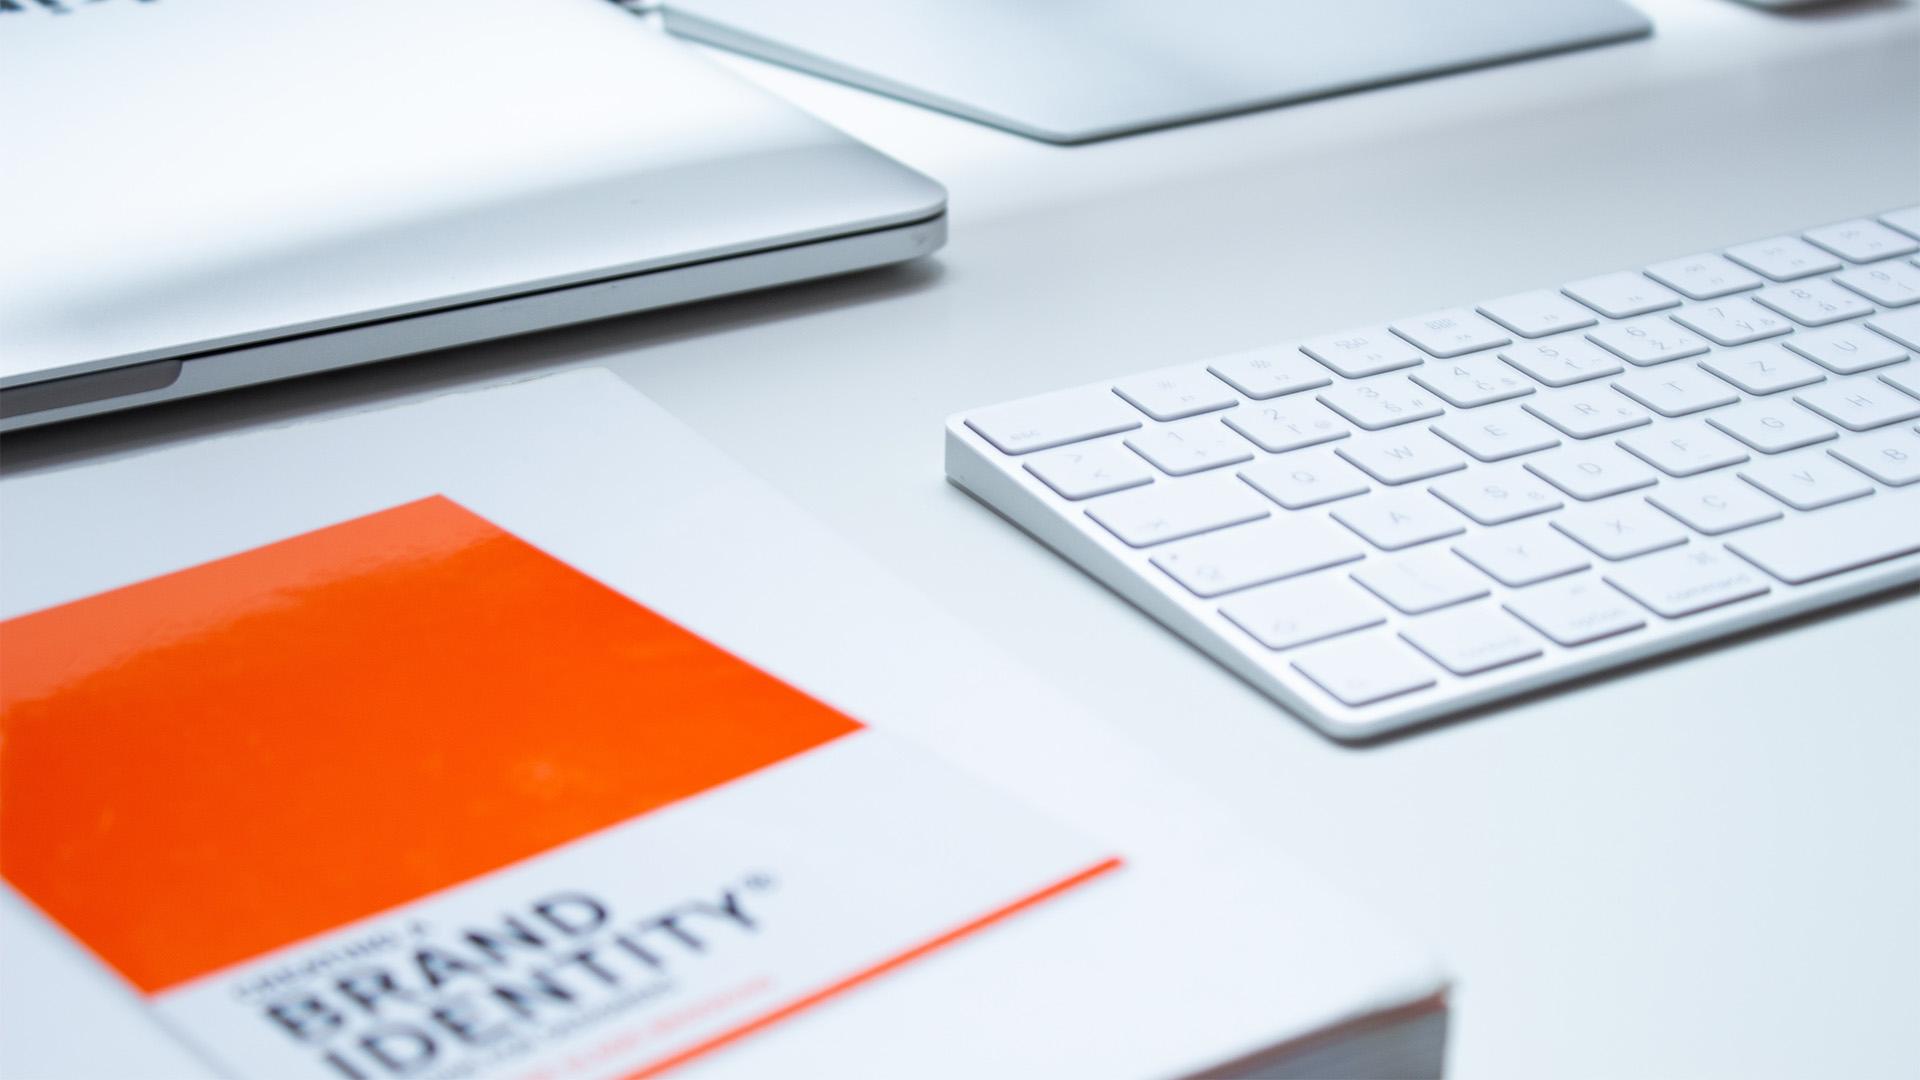 Schreibtisch mit Tastatur und Nachschlagewerk über Branding. Symbolbild für Branding.